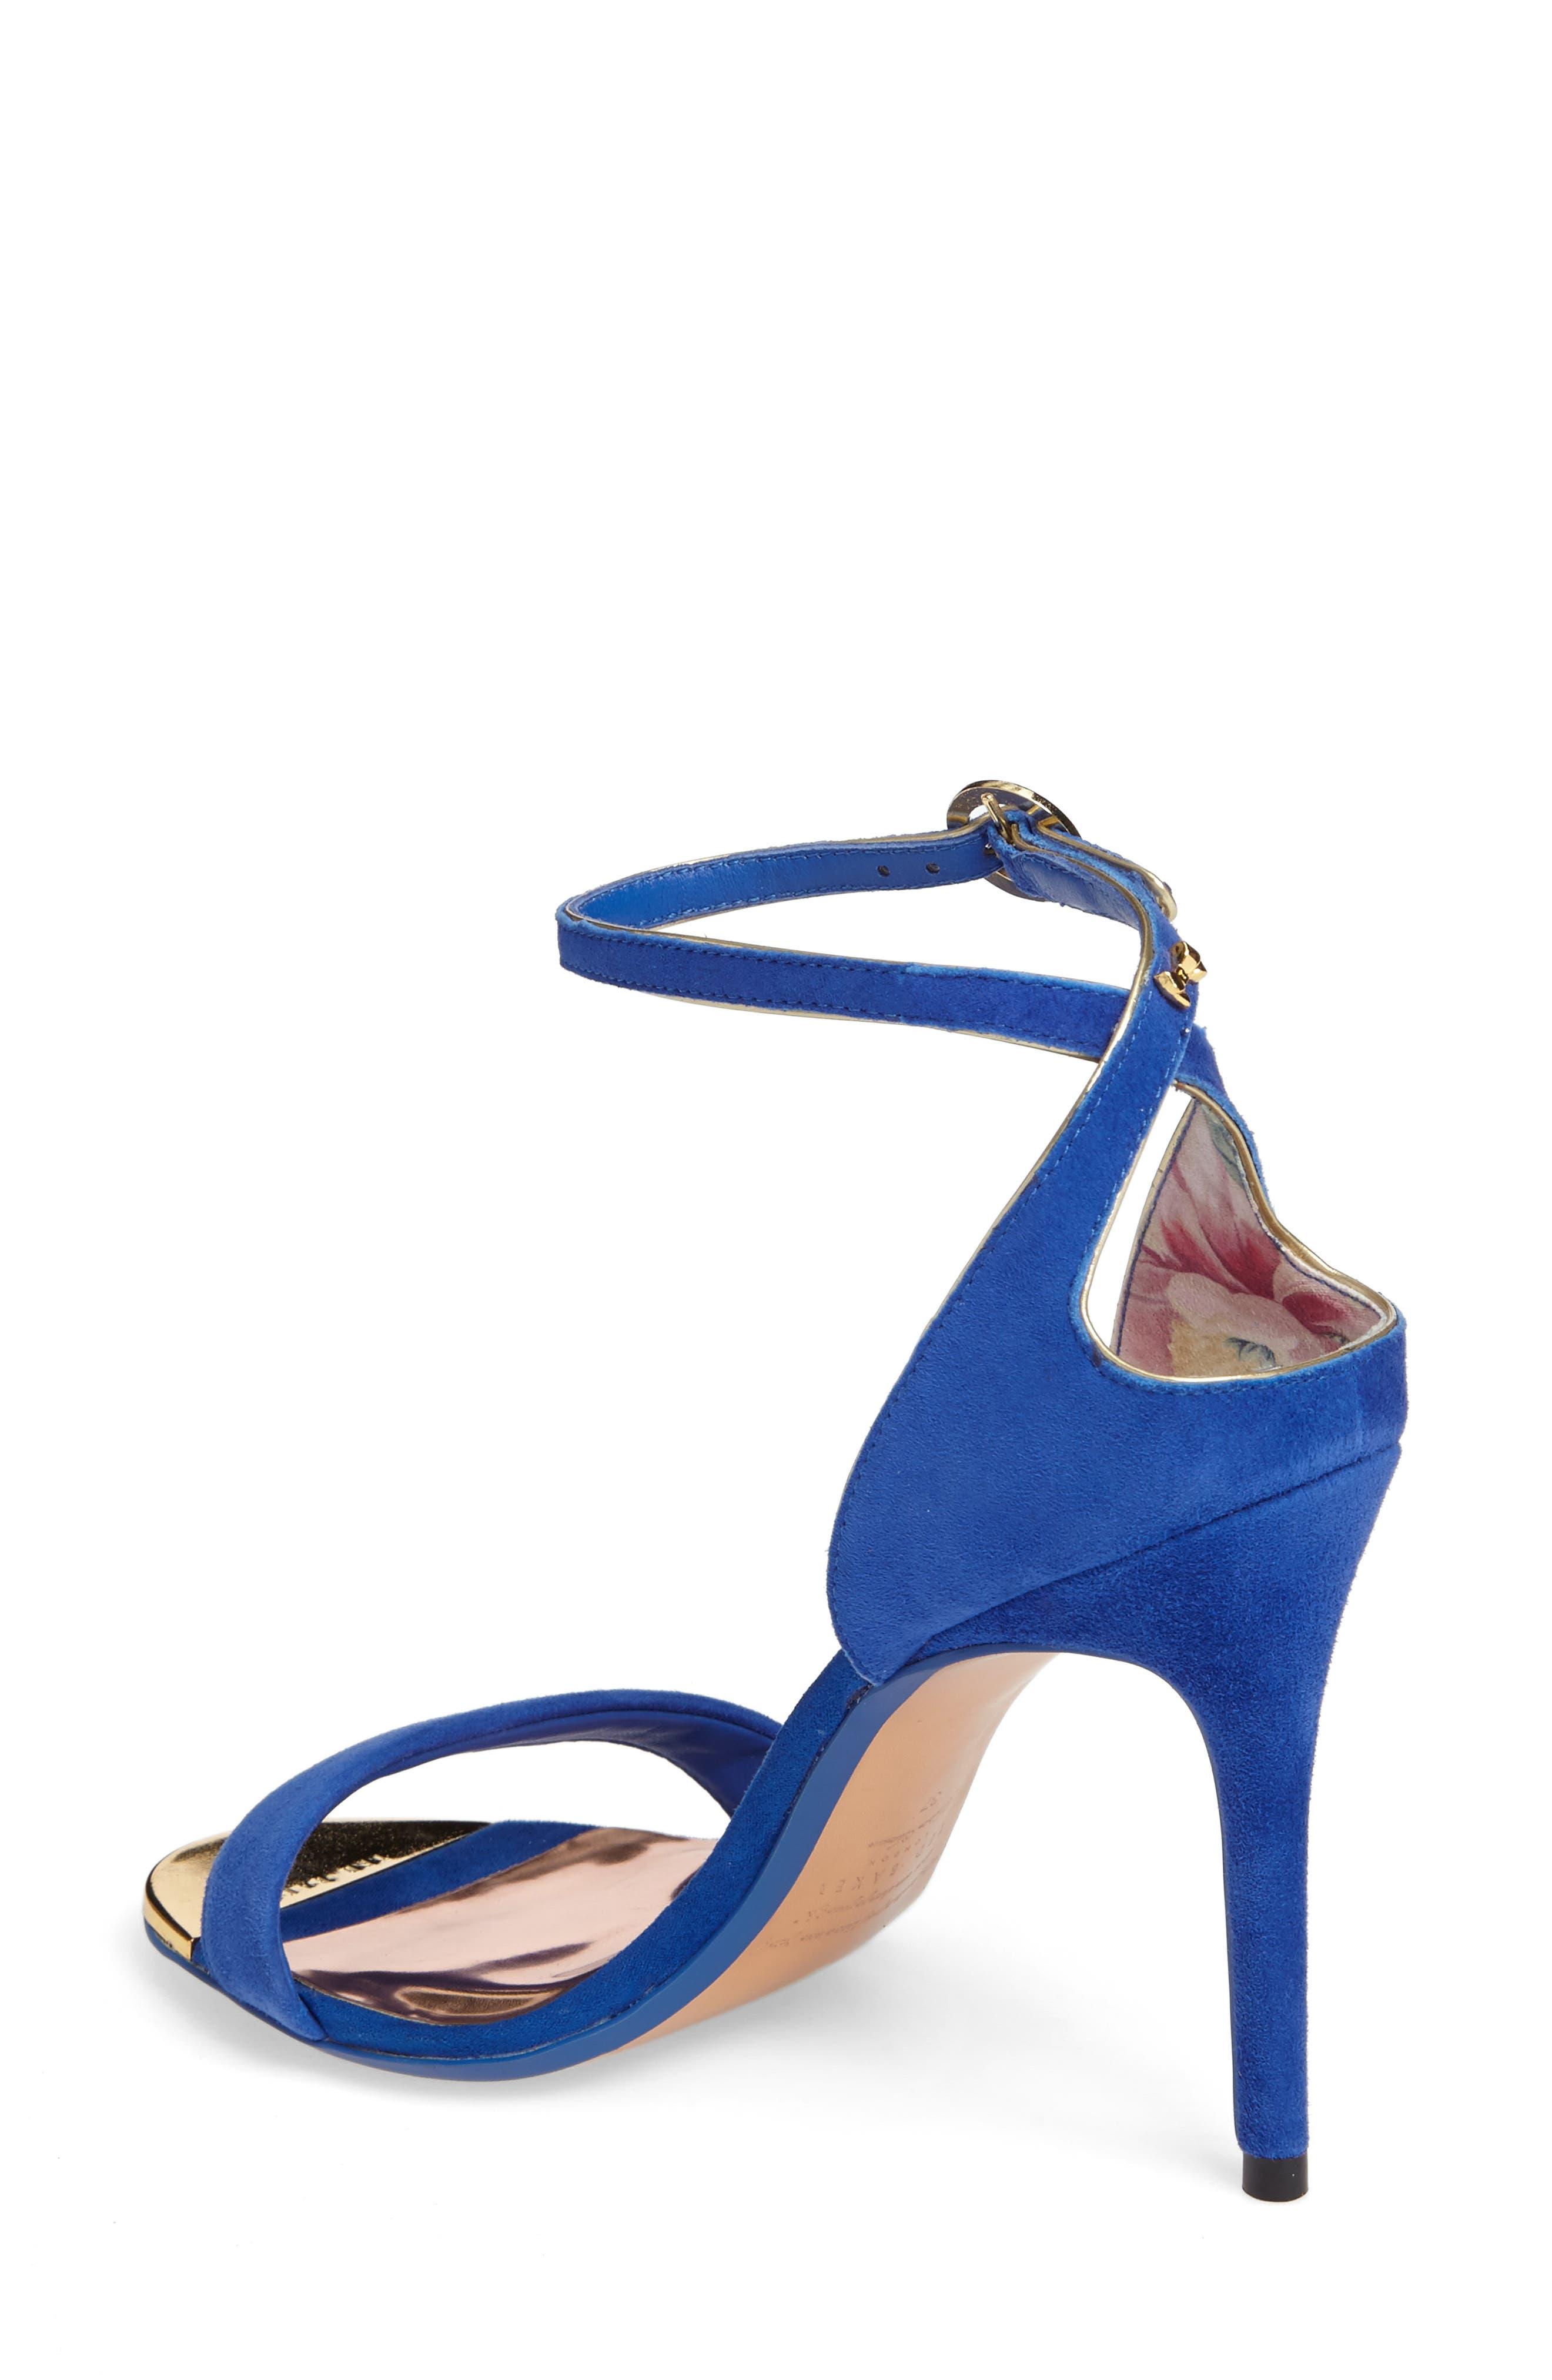 Mirobell Ankle Strap Sandal,                             Alternate thumbnail 5, color,